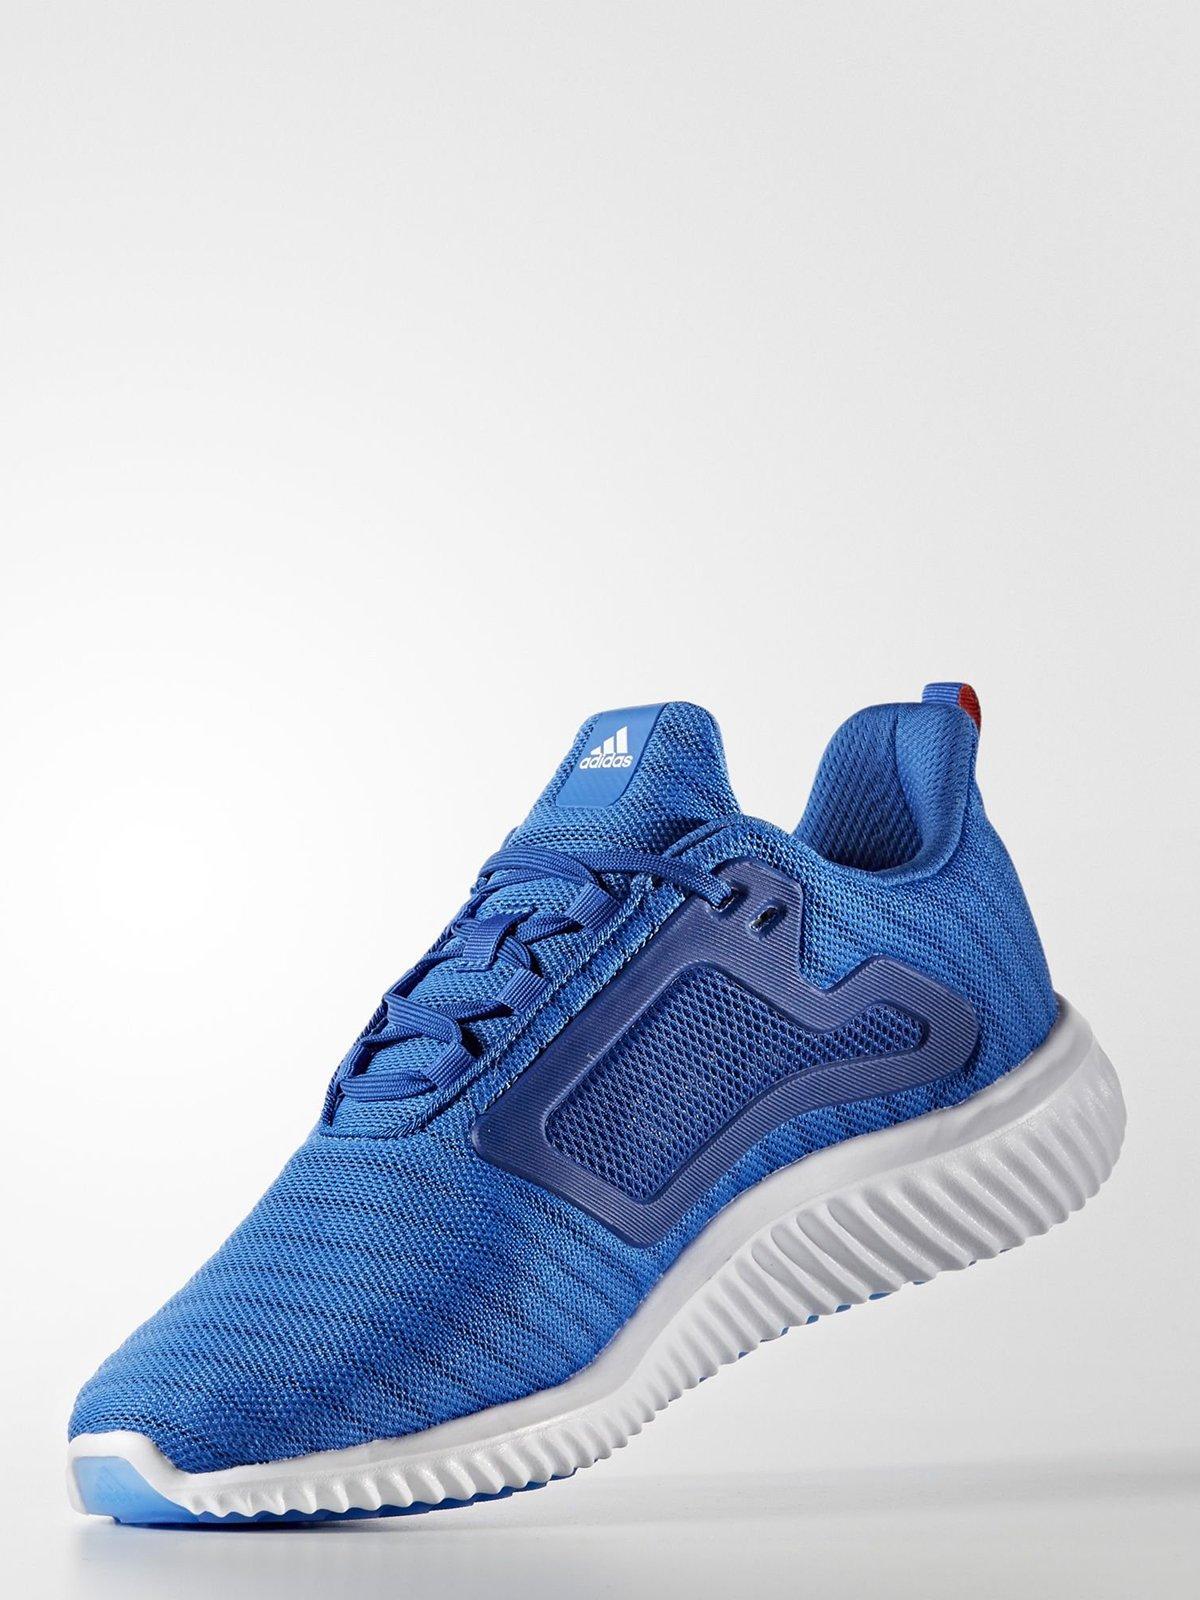 2884a9c5c Кроссовки синие — Adidas, акция действует до 8 ноября 2017 года ...